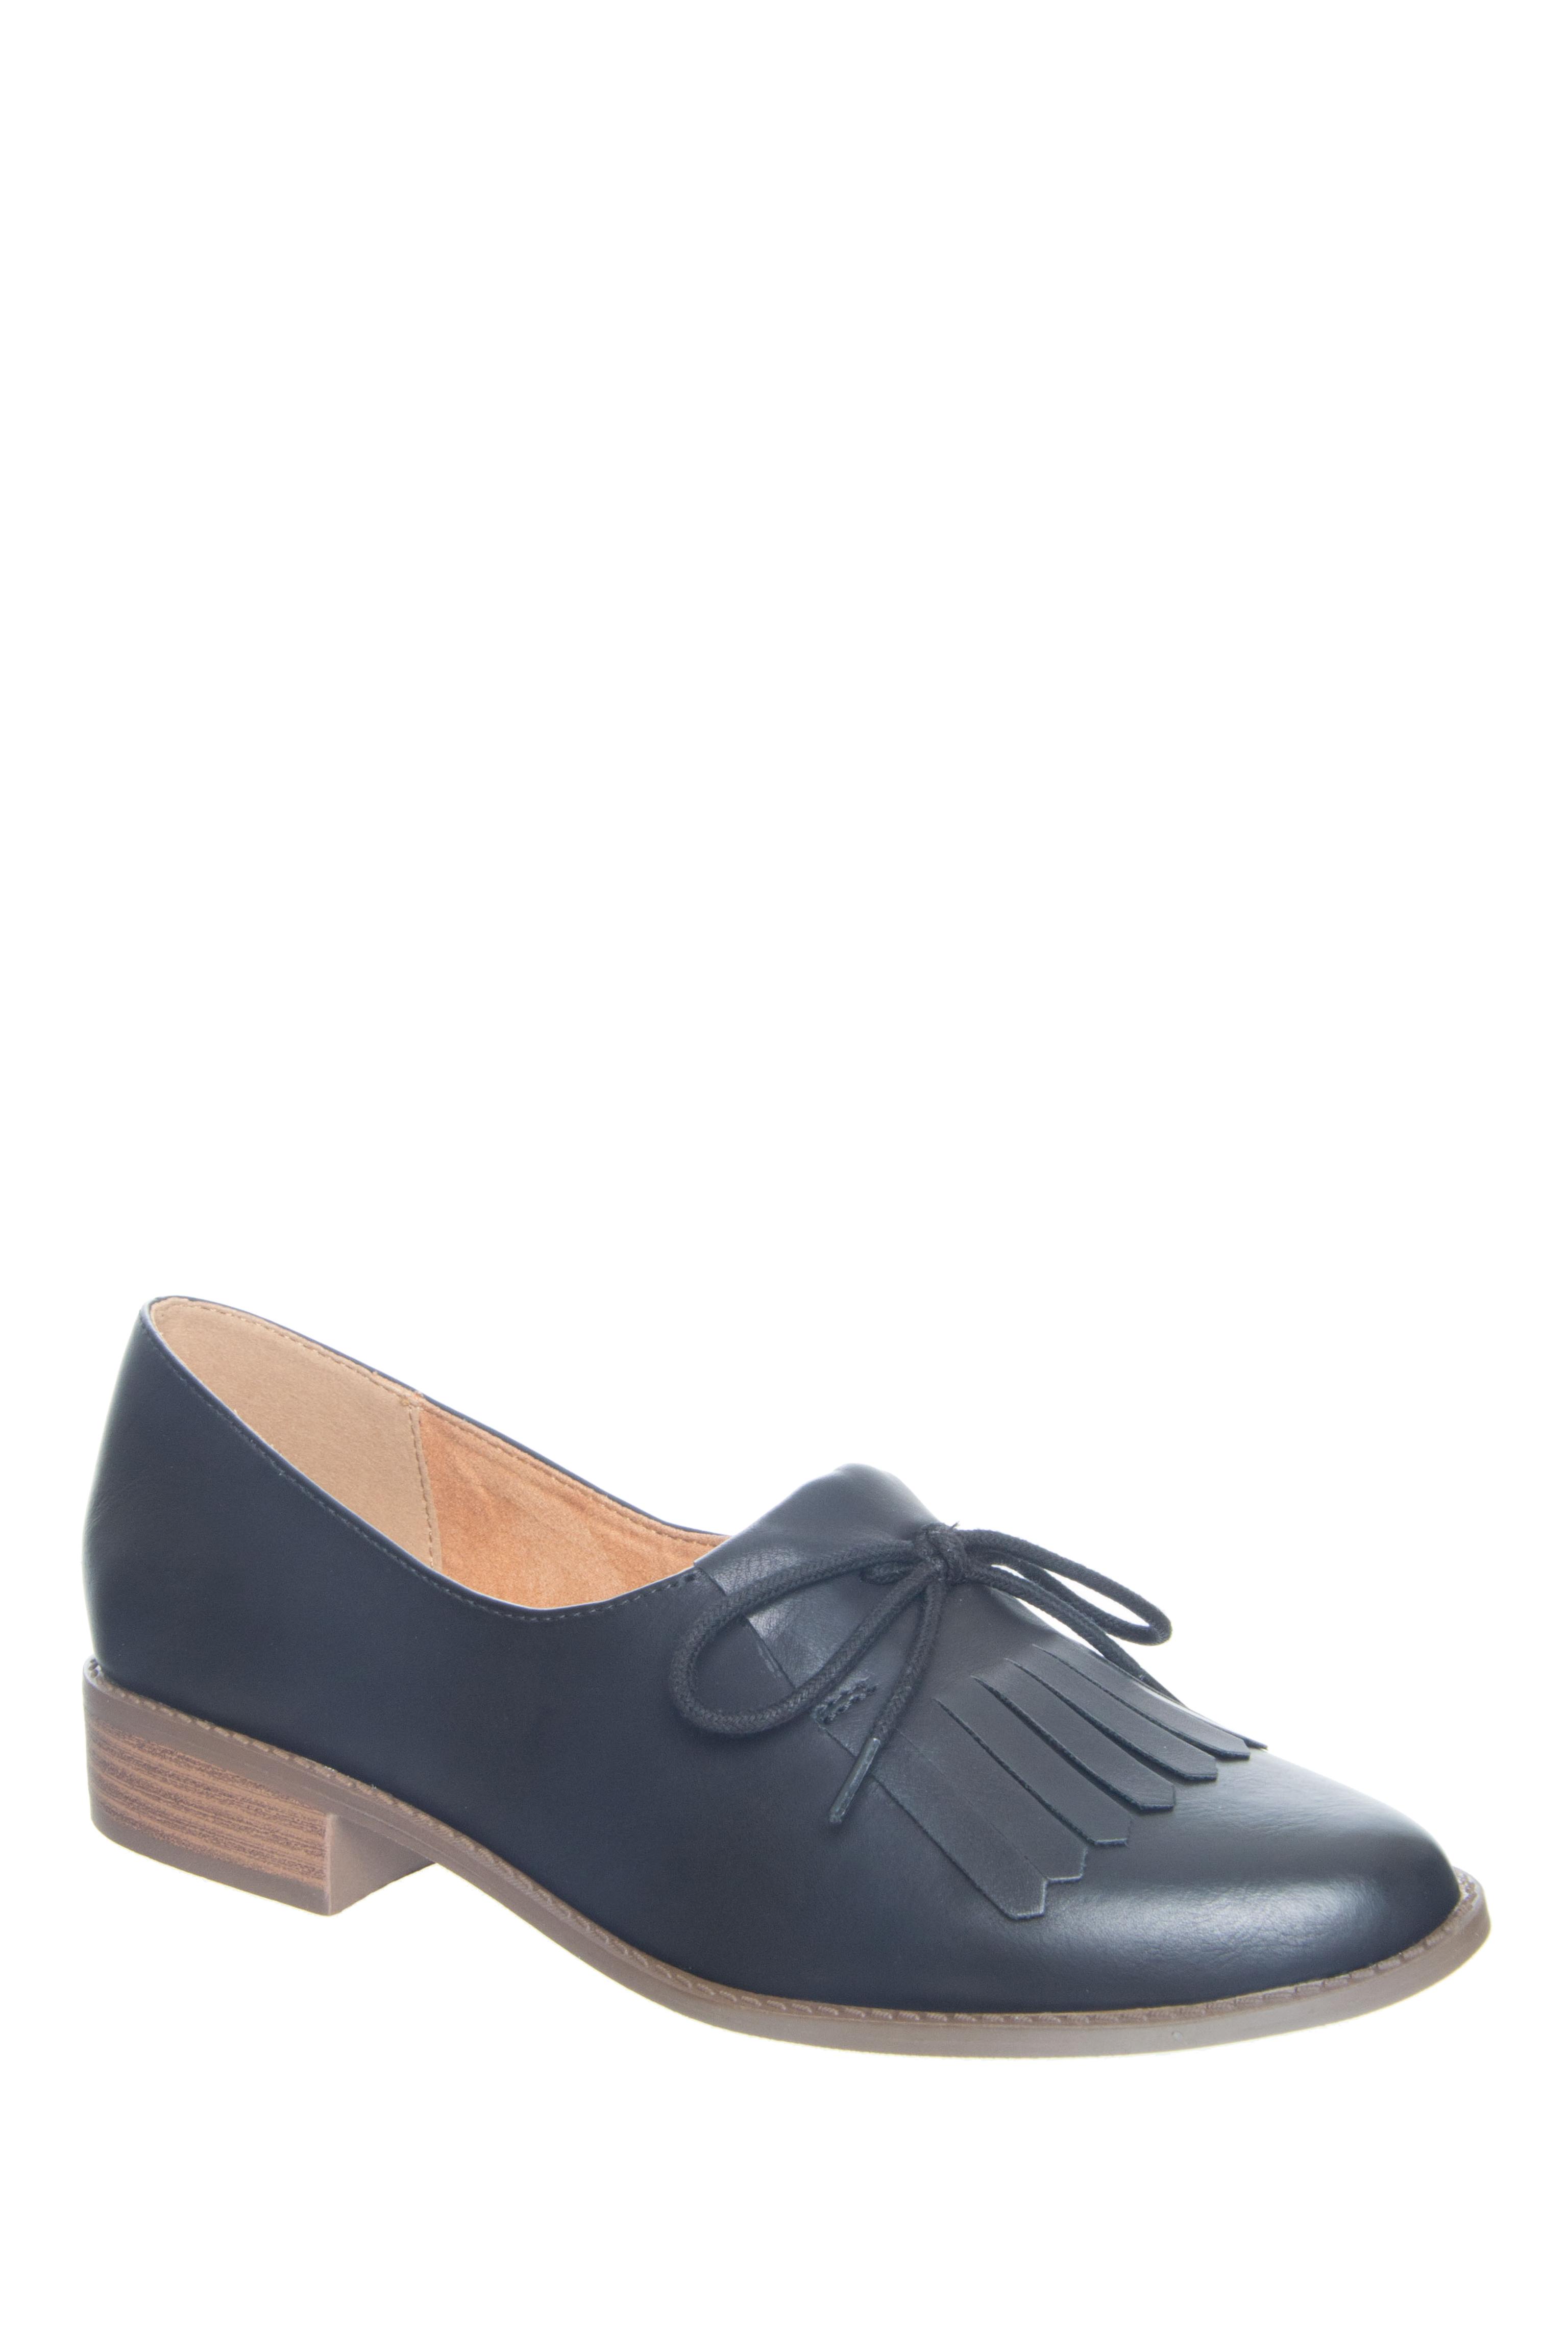 BC Footwear Flash Low Heel Loafers - Black